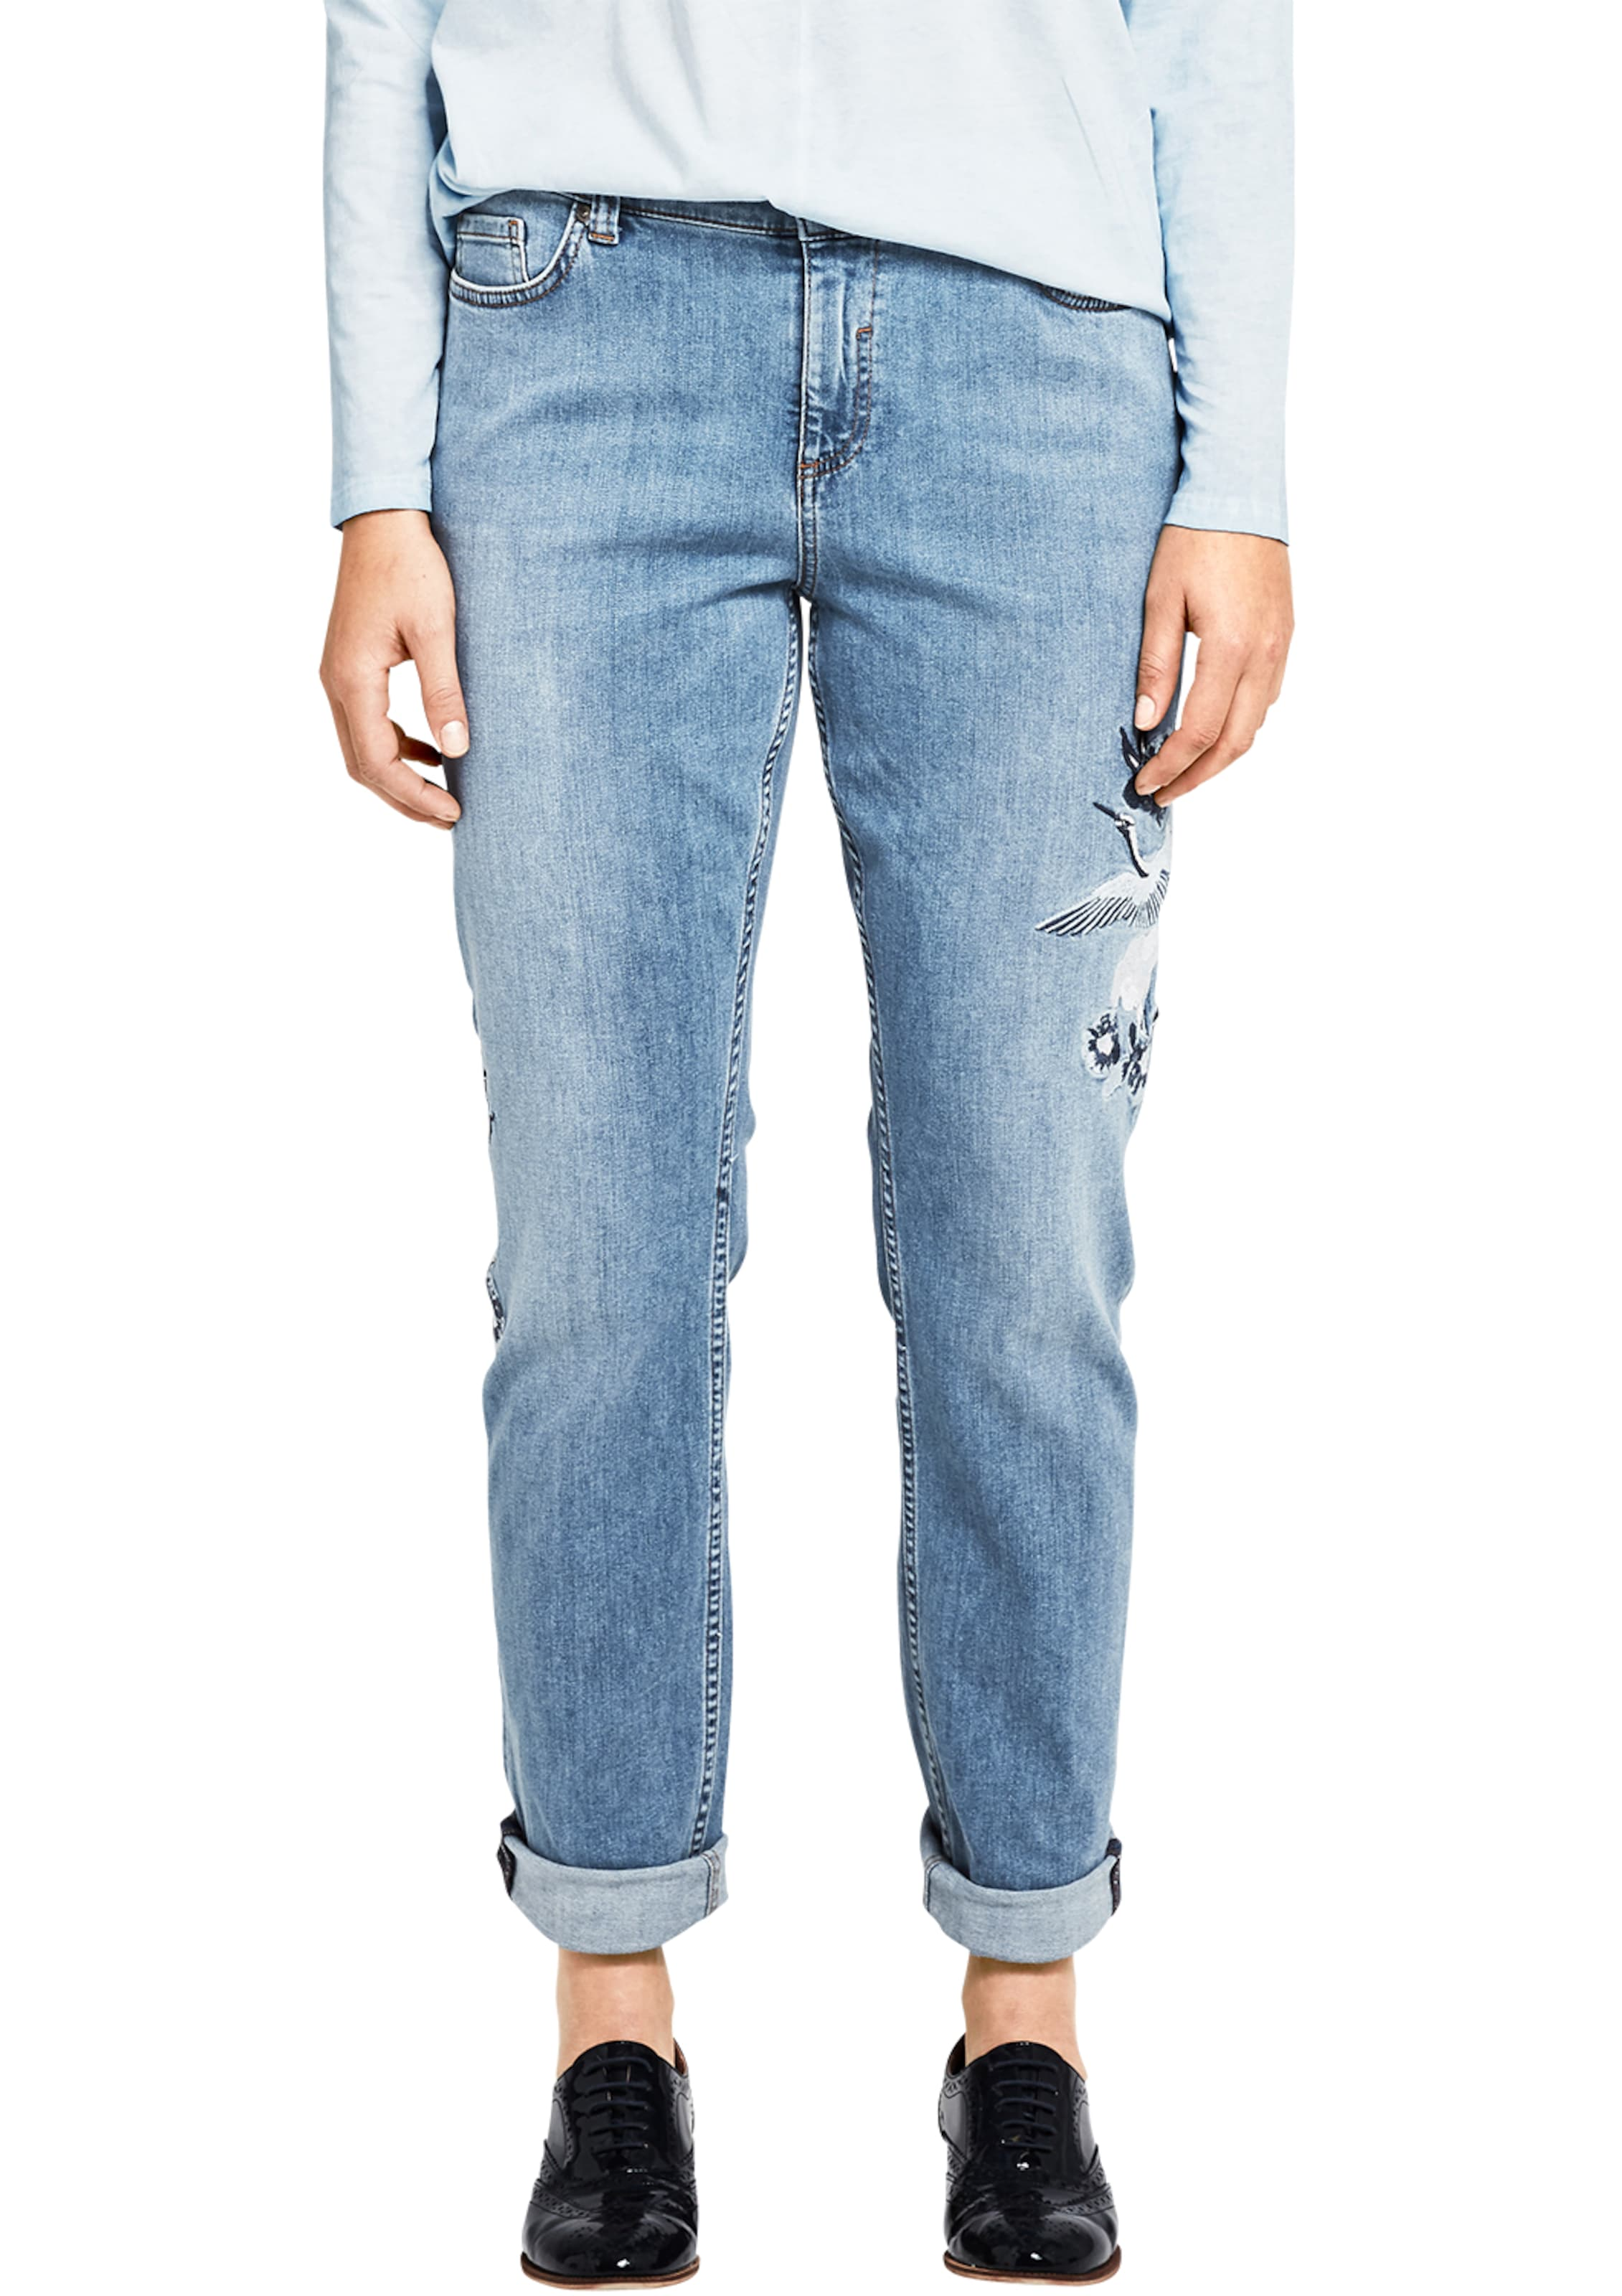 TRIANGLE Curvy Slim: Jeans mit Embroidery Online 100% Garantiert Factory Outlet Günstig Online Großhandelspreis Zu Verkaufen ad7ojbZO2